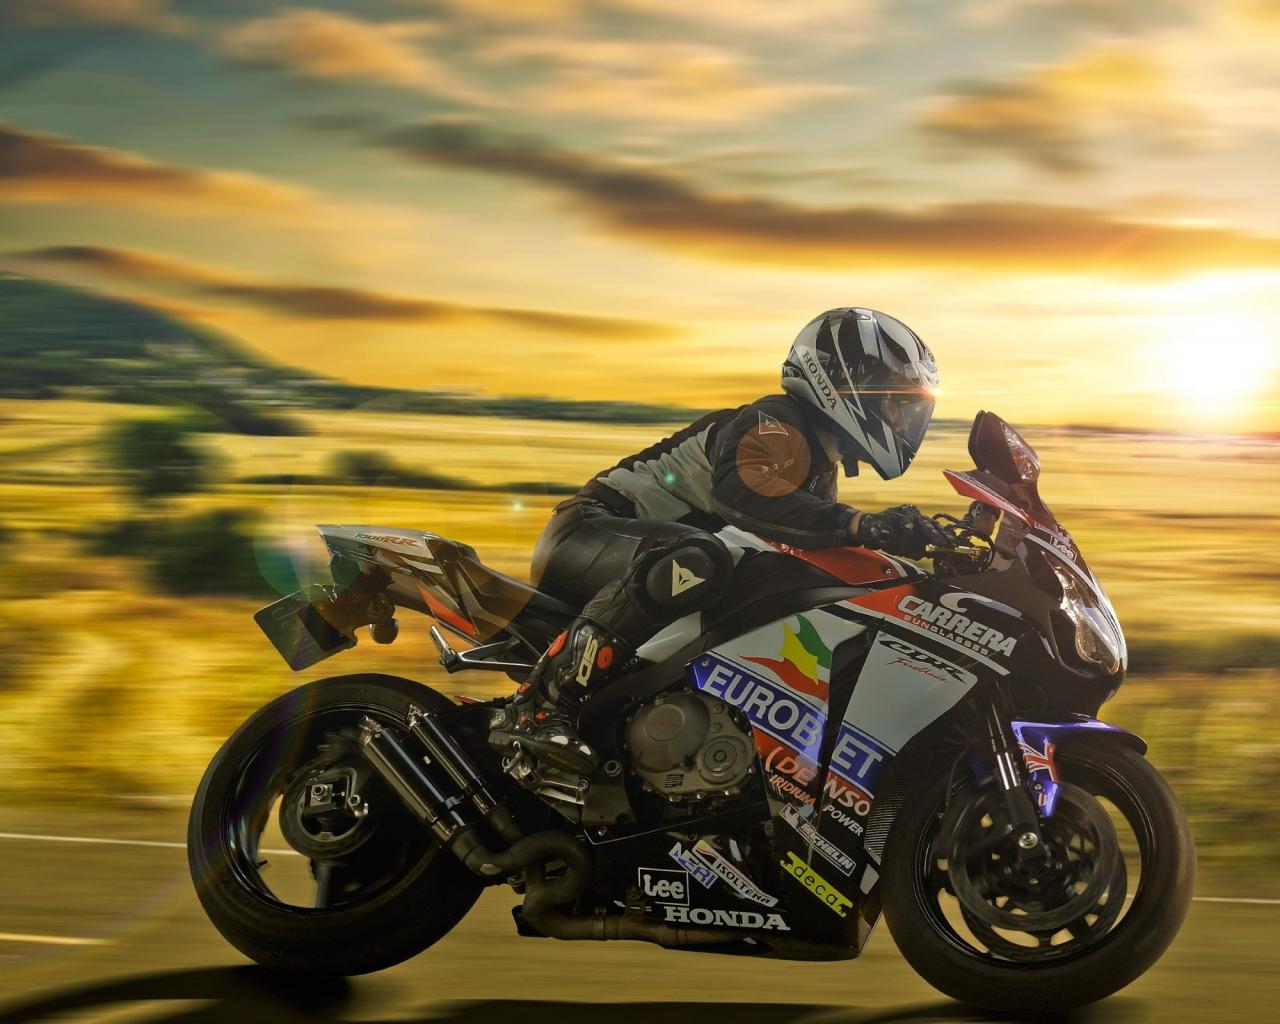 Una Moto Al Atardecer Hd 1280x1024